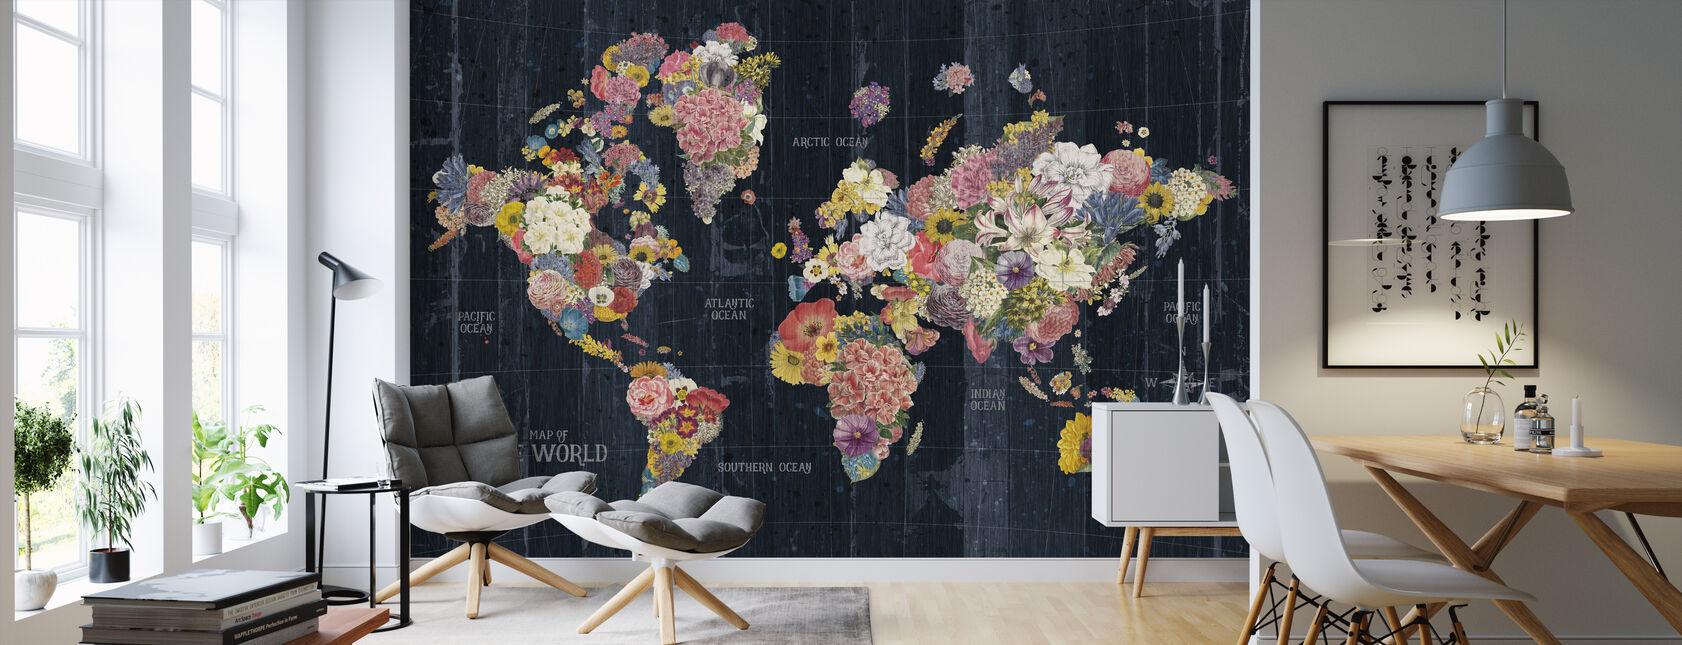 Botanical Floral Map Words - Wallpaper - Living Room